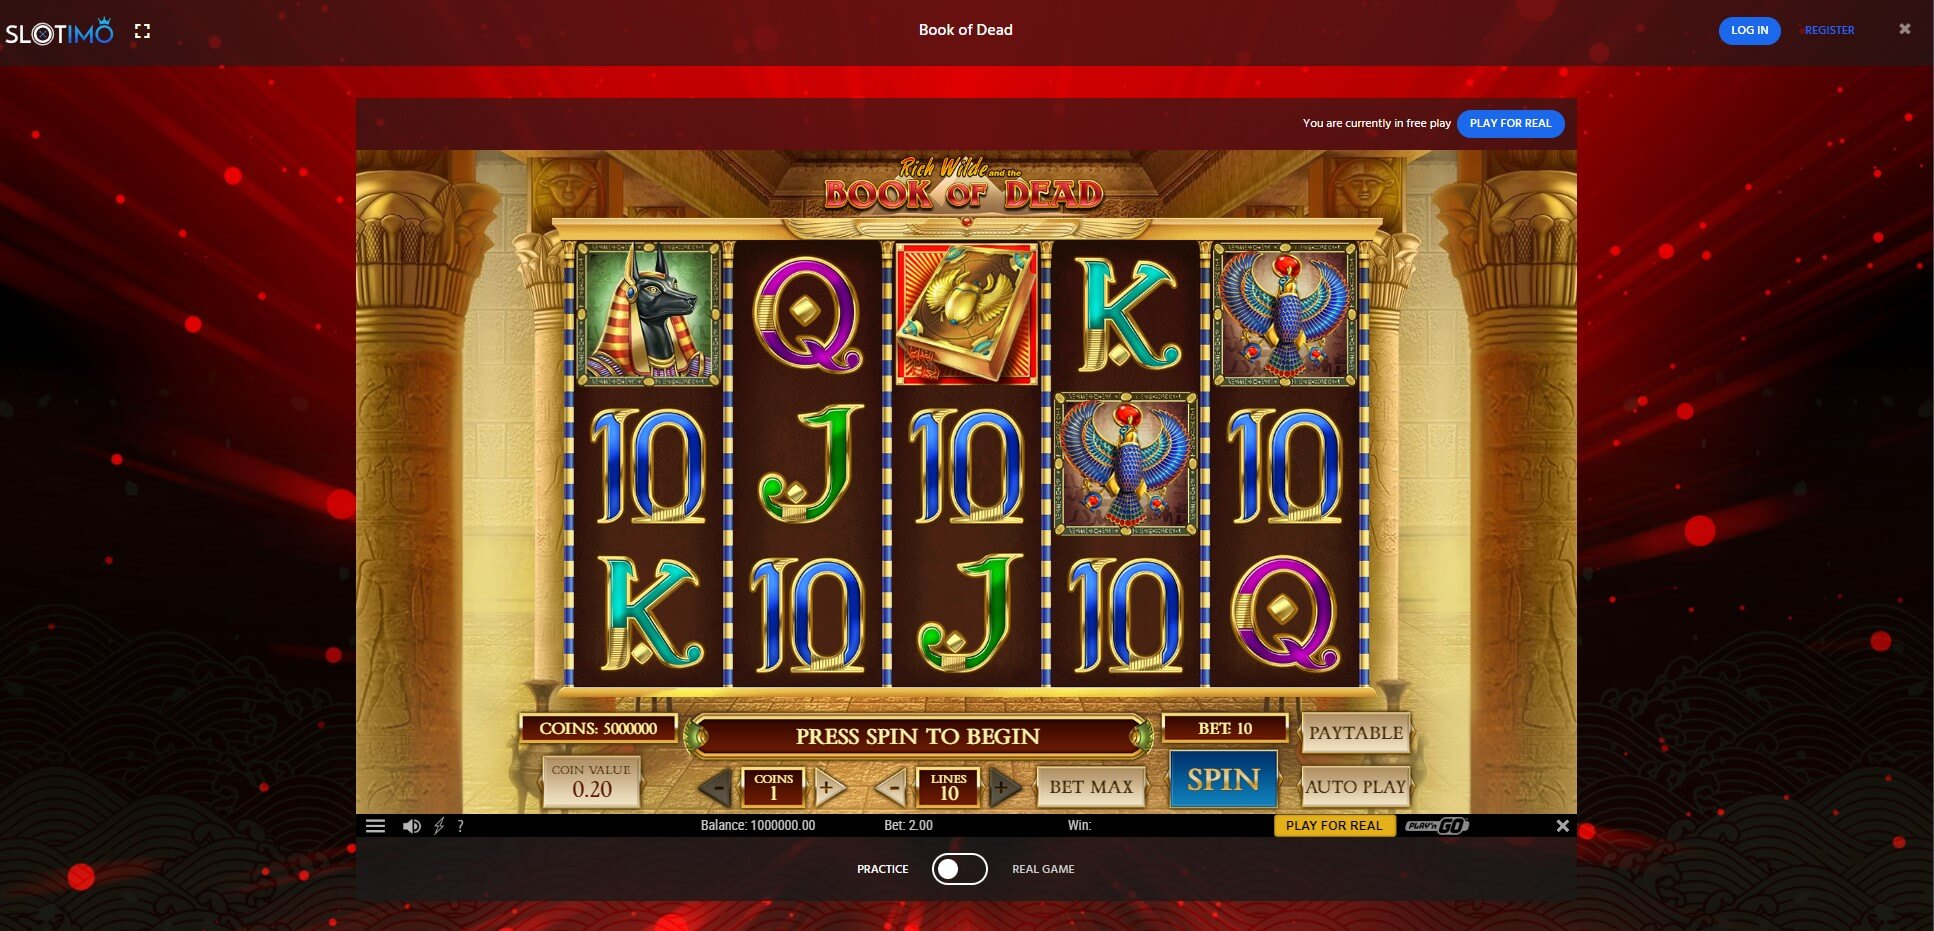 Game Play at Slotimo Casino